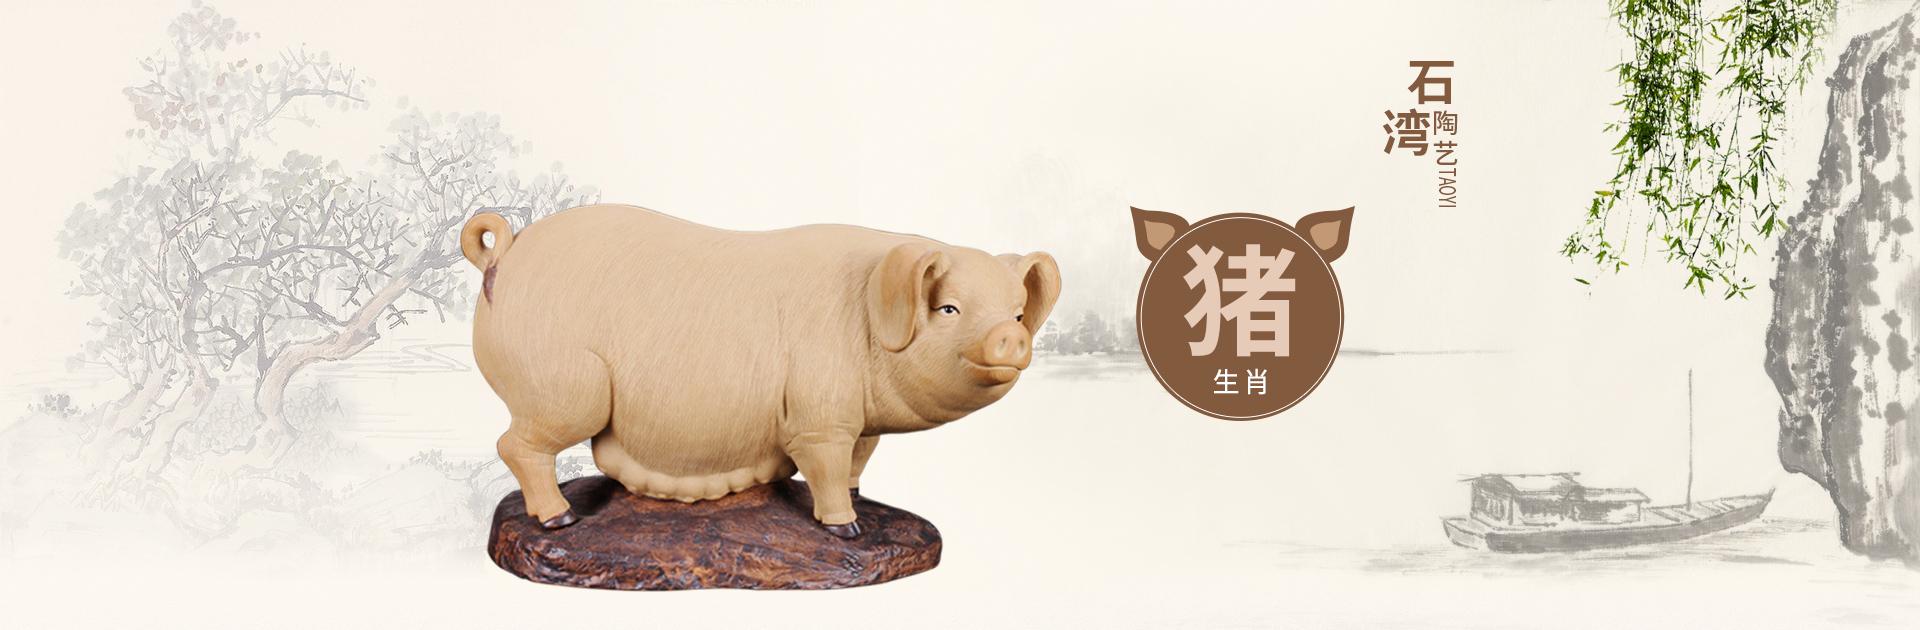 十二生肖公仔-猪 艺术品 爱特猫